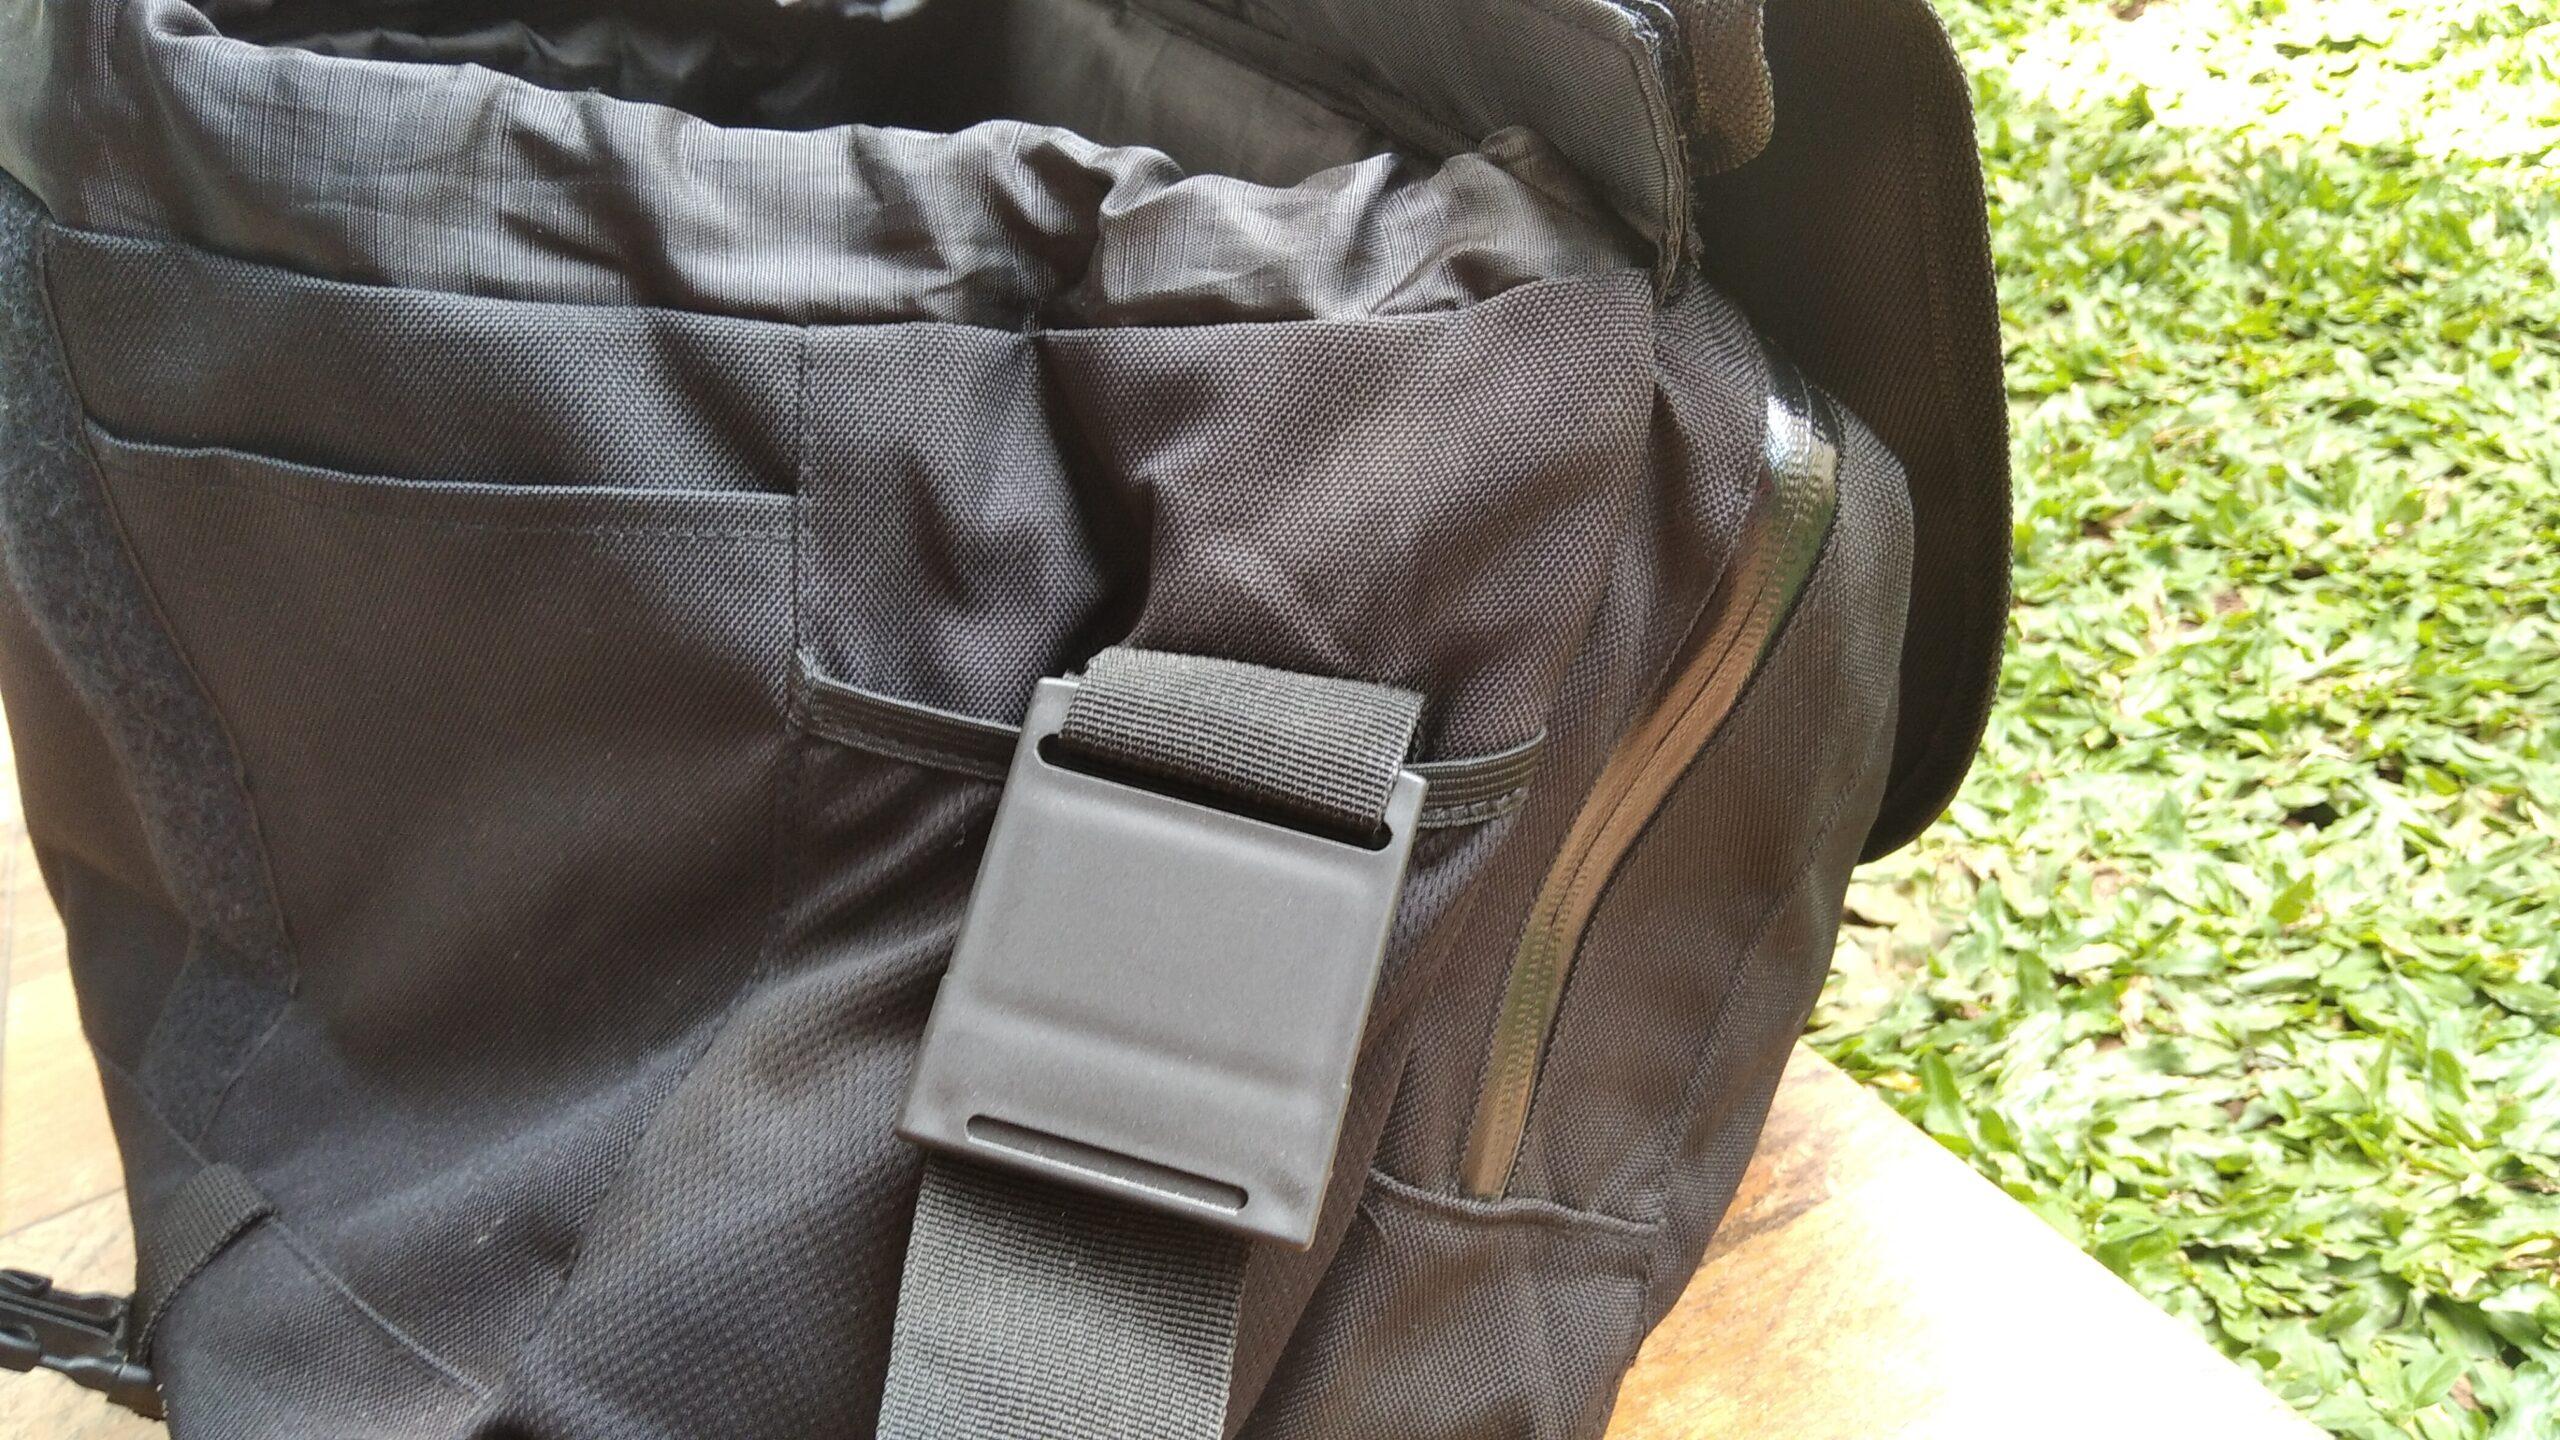 Bagian samping tas